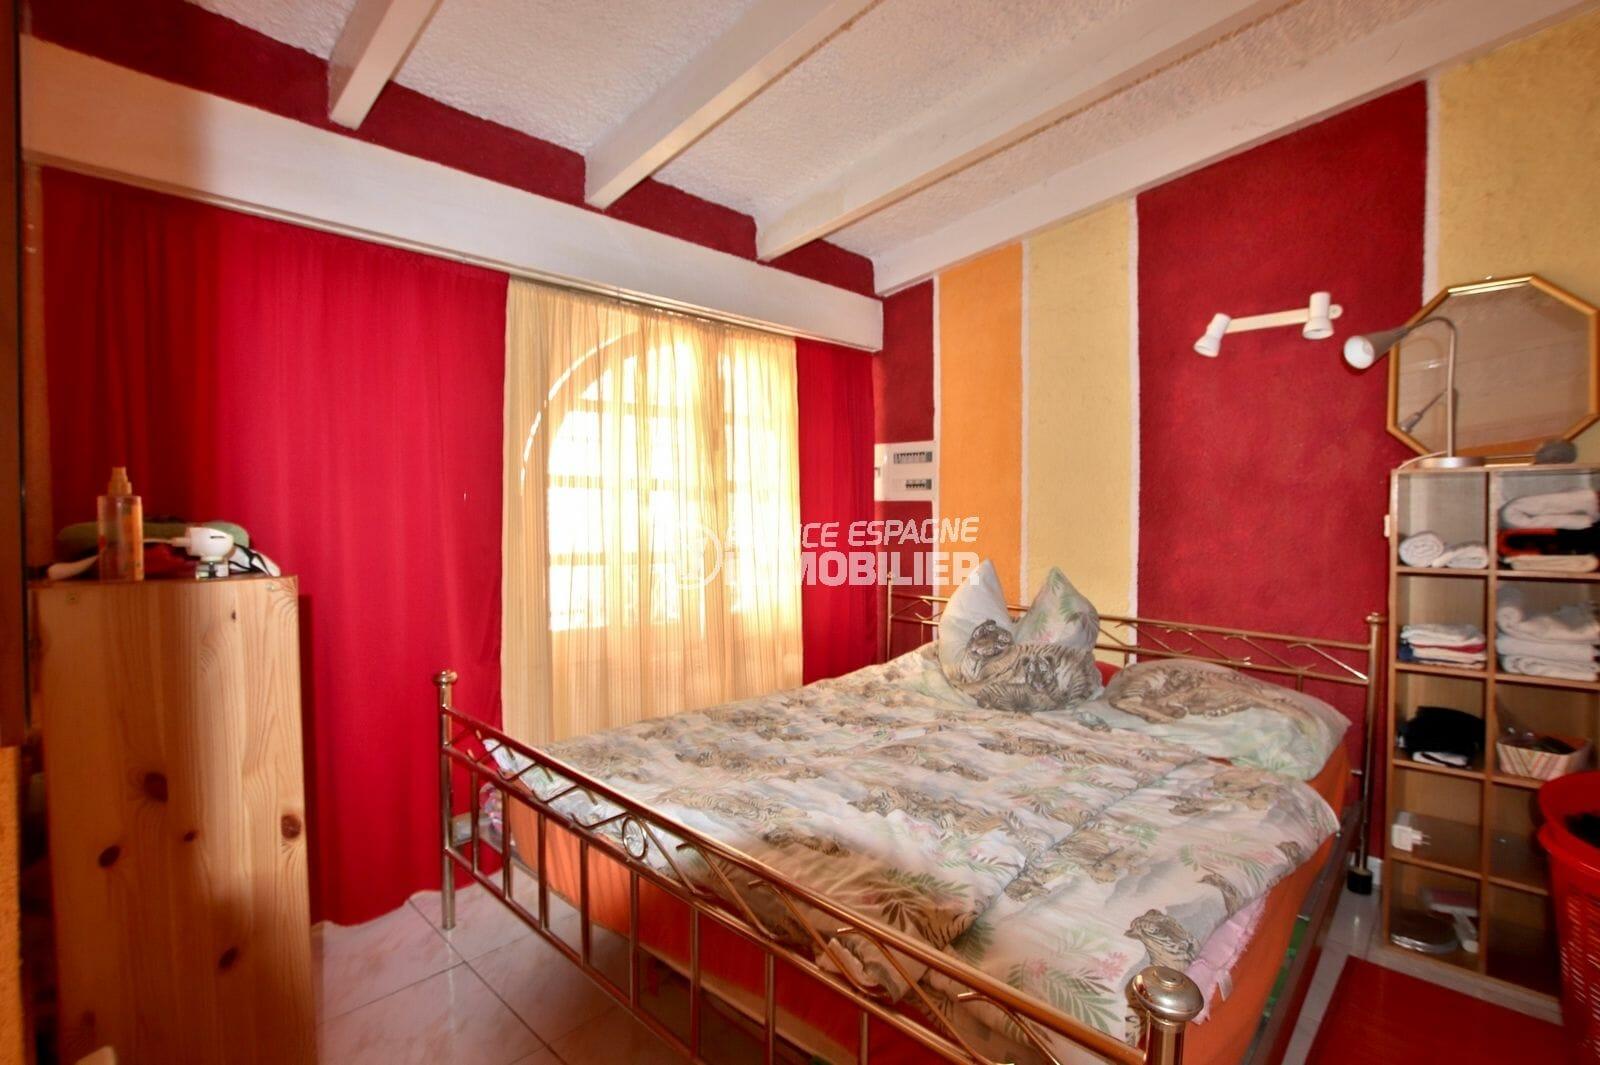 achat immobilier costa brava: villa 544 m², chambre lit double appartement indépendant